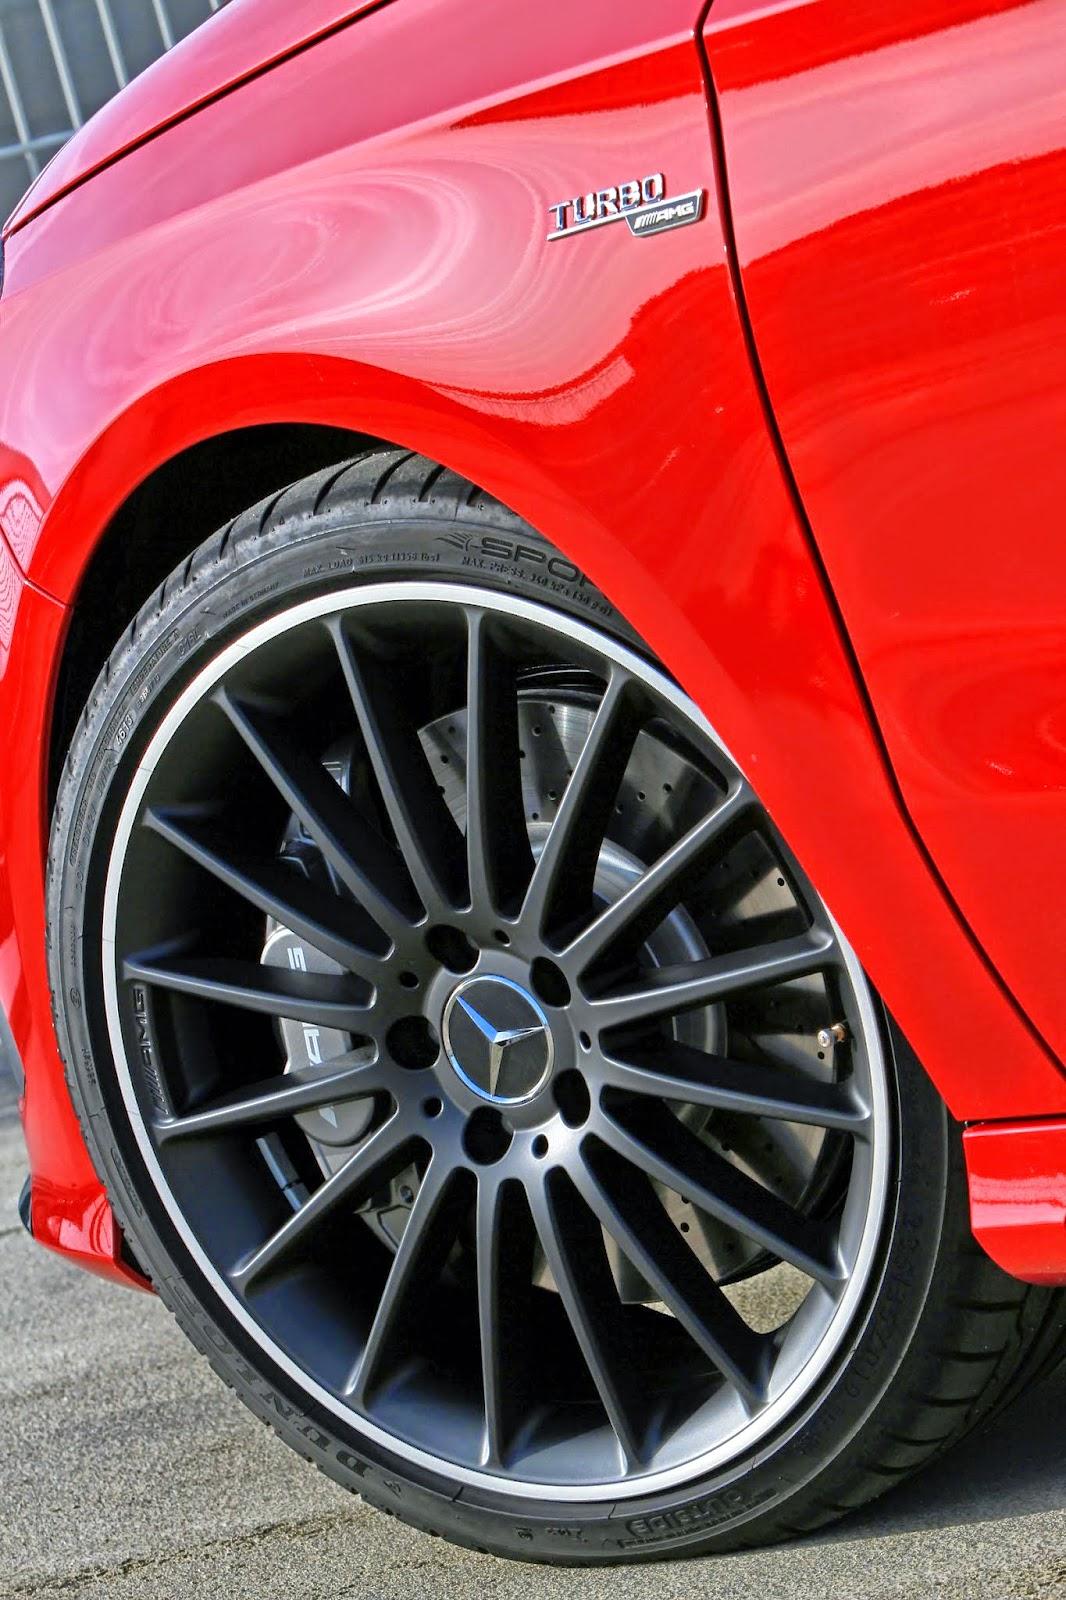 a45 amg wheels